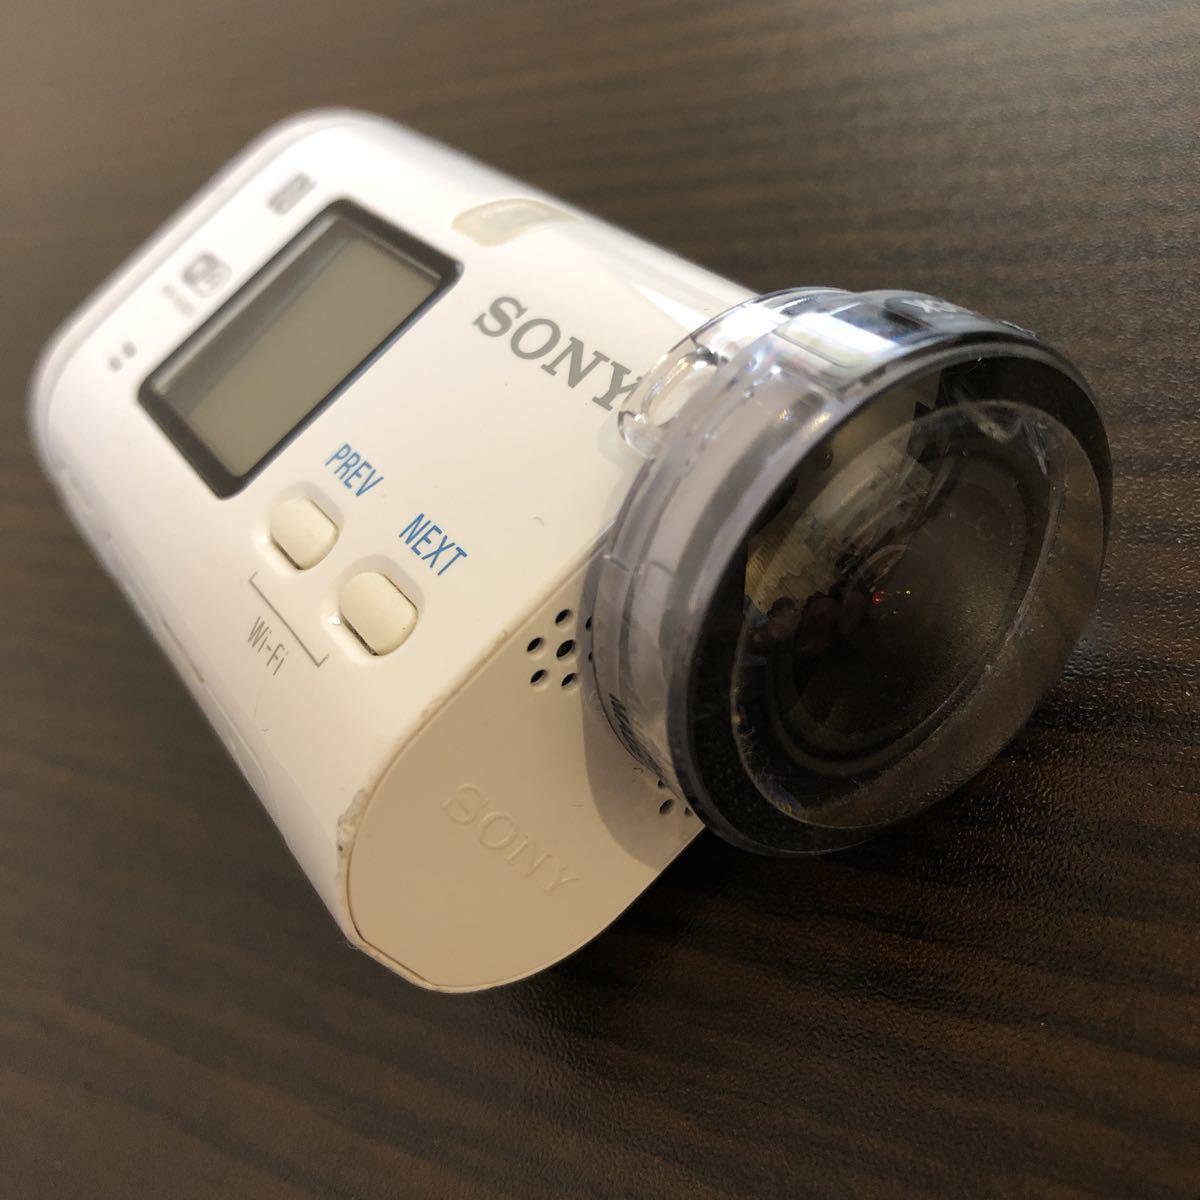 索尼數字高清攝像機錄像機動作凸輪HDR-AS 100V免費送貨 編號:t607675809